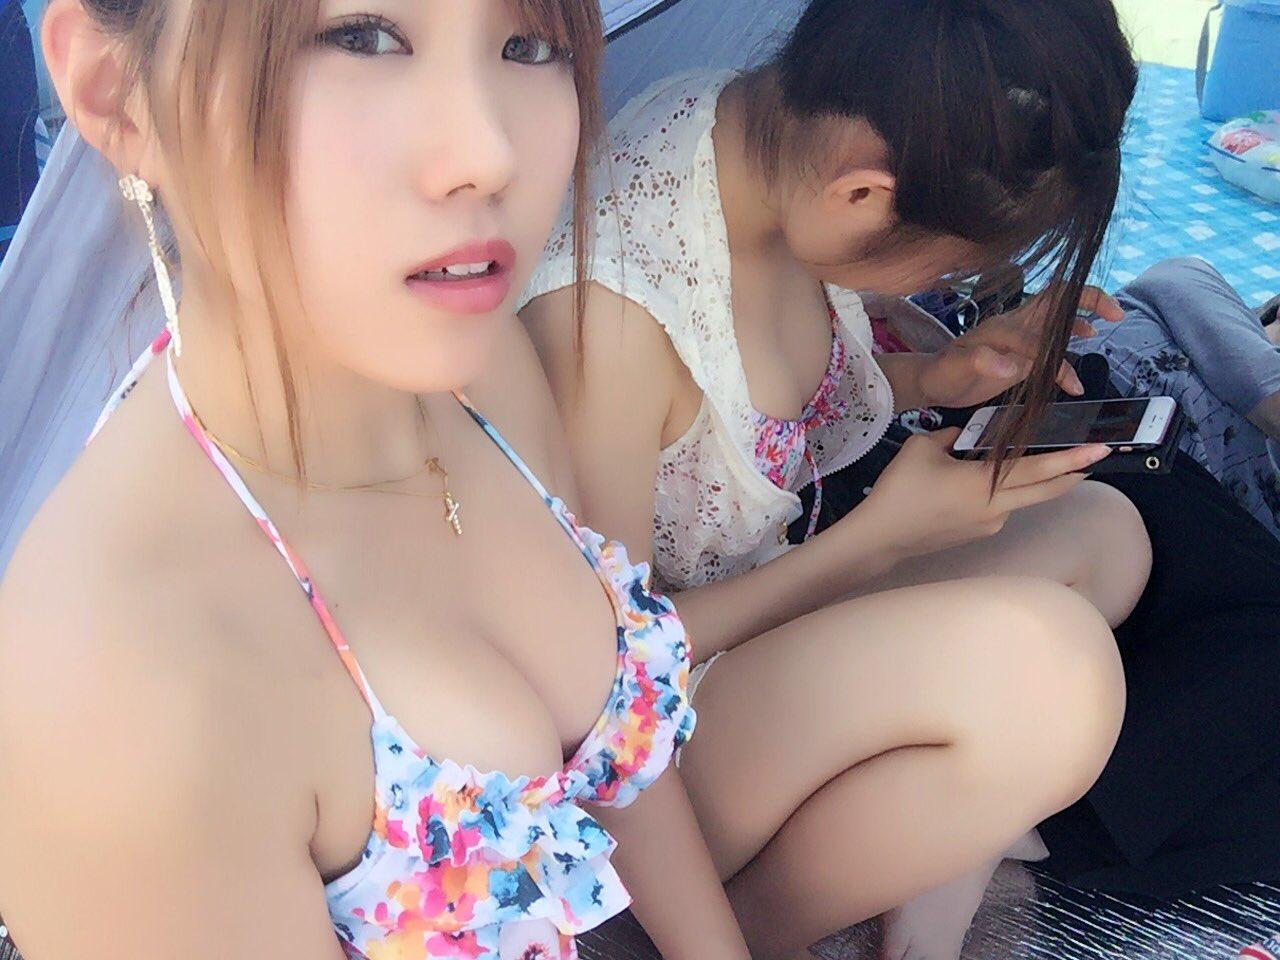 【水着エロ画像】外れる姿も見たいですwビーチ満喫中なビキニギャルの豊かな乳www 06